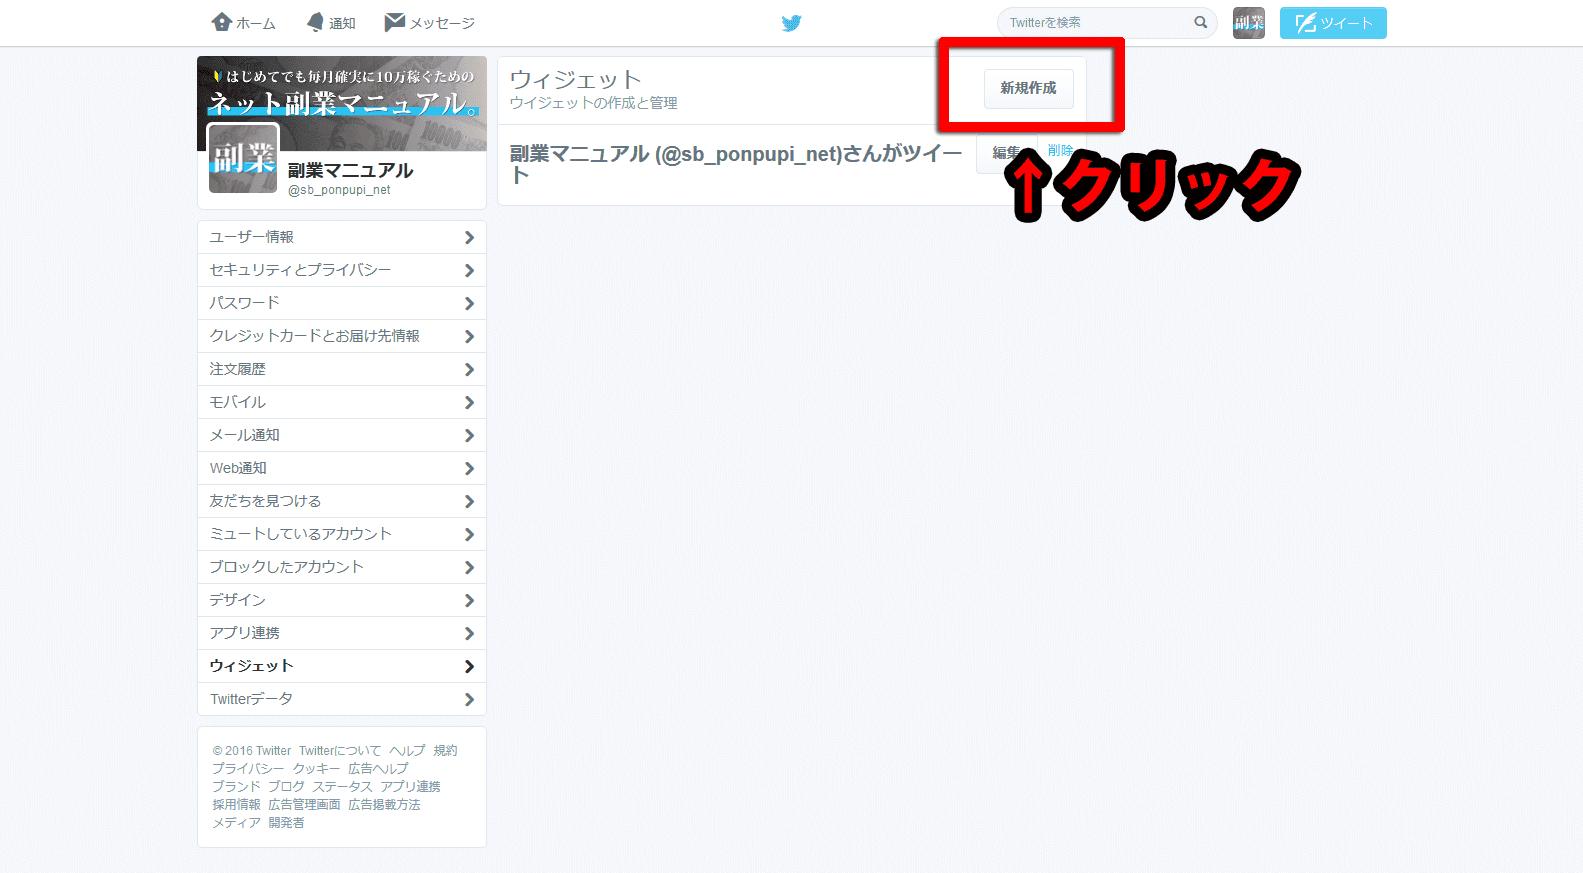 Twitterウィジェット作成1